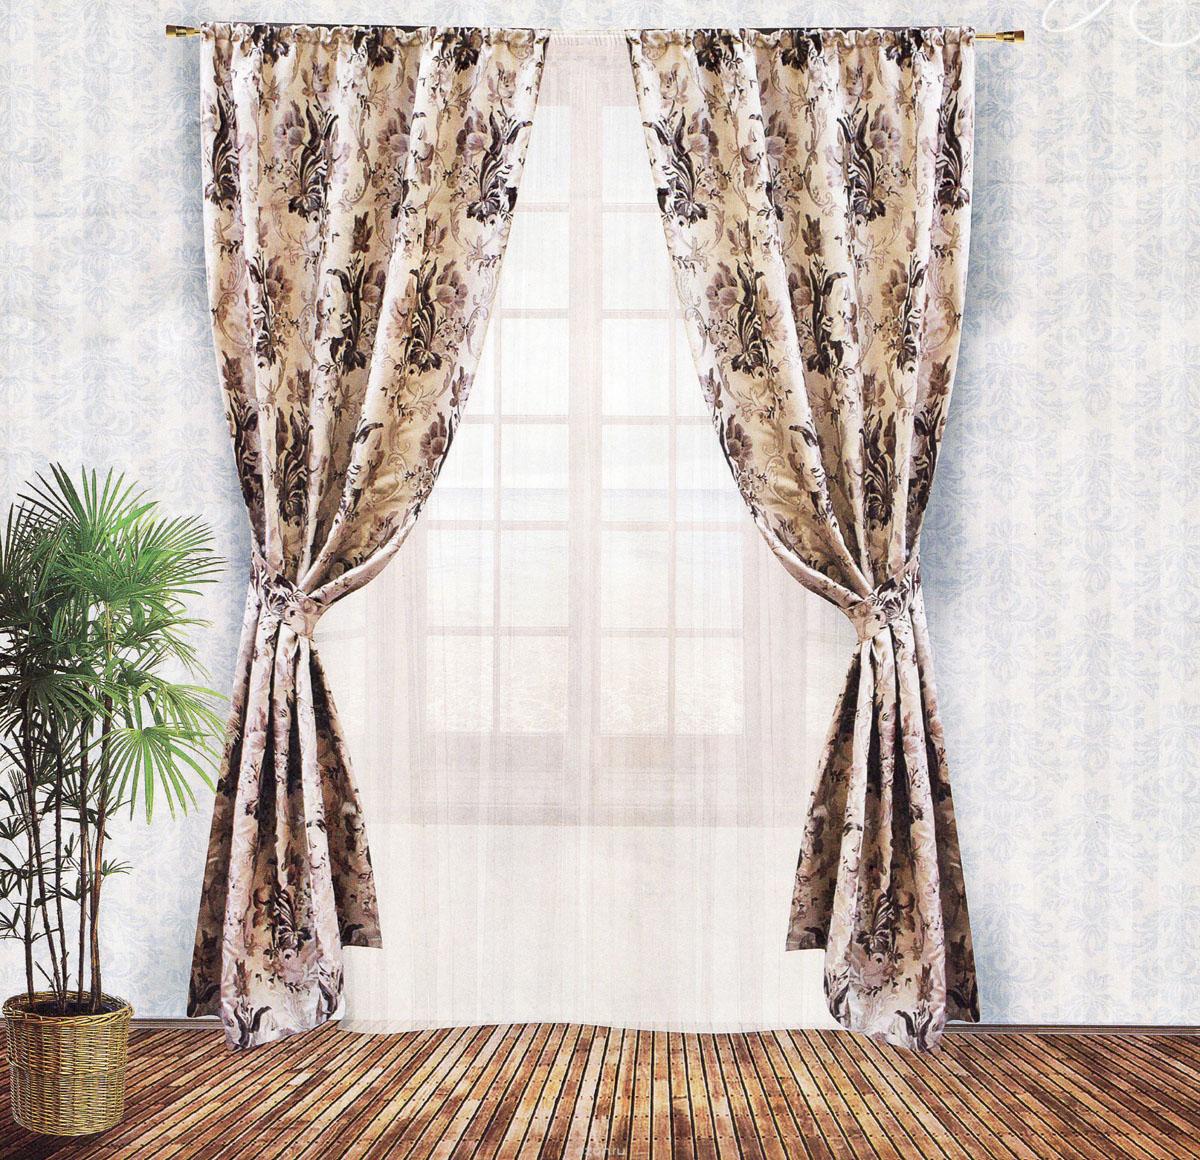 Комплект штор Zlata Korunka, на ленте, цвет: бежевый, высота 250 см. 5553655536Роскошный комплект штор Zlata Korunka, выполненный из гобелена (100% полиэстера), великолепно украсит любое окно. Комплект состоит из двух портьер и двух подхватов. Плотная ткань, цветочный принт и приятная, приглушенная гамма привлекут к себе внимание и органично впишутся в интерьер помещения. Комплект крепится на карниз при помощи шторной ленты, которая поможет красиво и равномерно задрапировать верх. Портьеры можно зафиксировать в одном положении с помощью двух подхватов. Этот комплект будет долгое время радовать вас и вашу семью! В комплект входит: Портьера: 2 шт. Размер (ШхВ): 140 см х 250 см. Подхват: 2 шт. Размер (ШхВ): 60 см х 10 см.